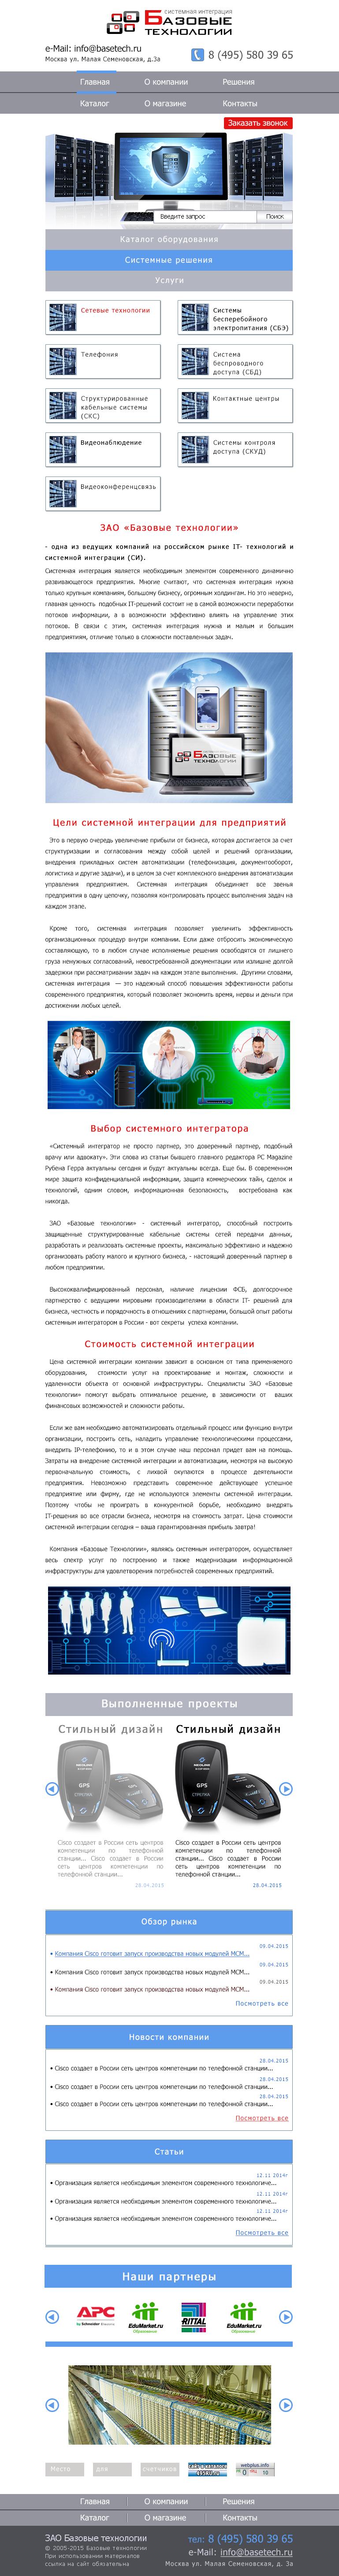 Адаптивный дизайн сайта каталога ЗАО Базовые Технологии.